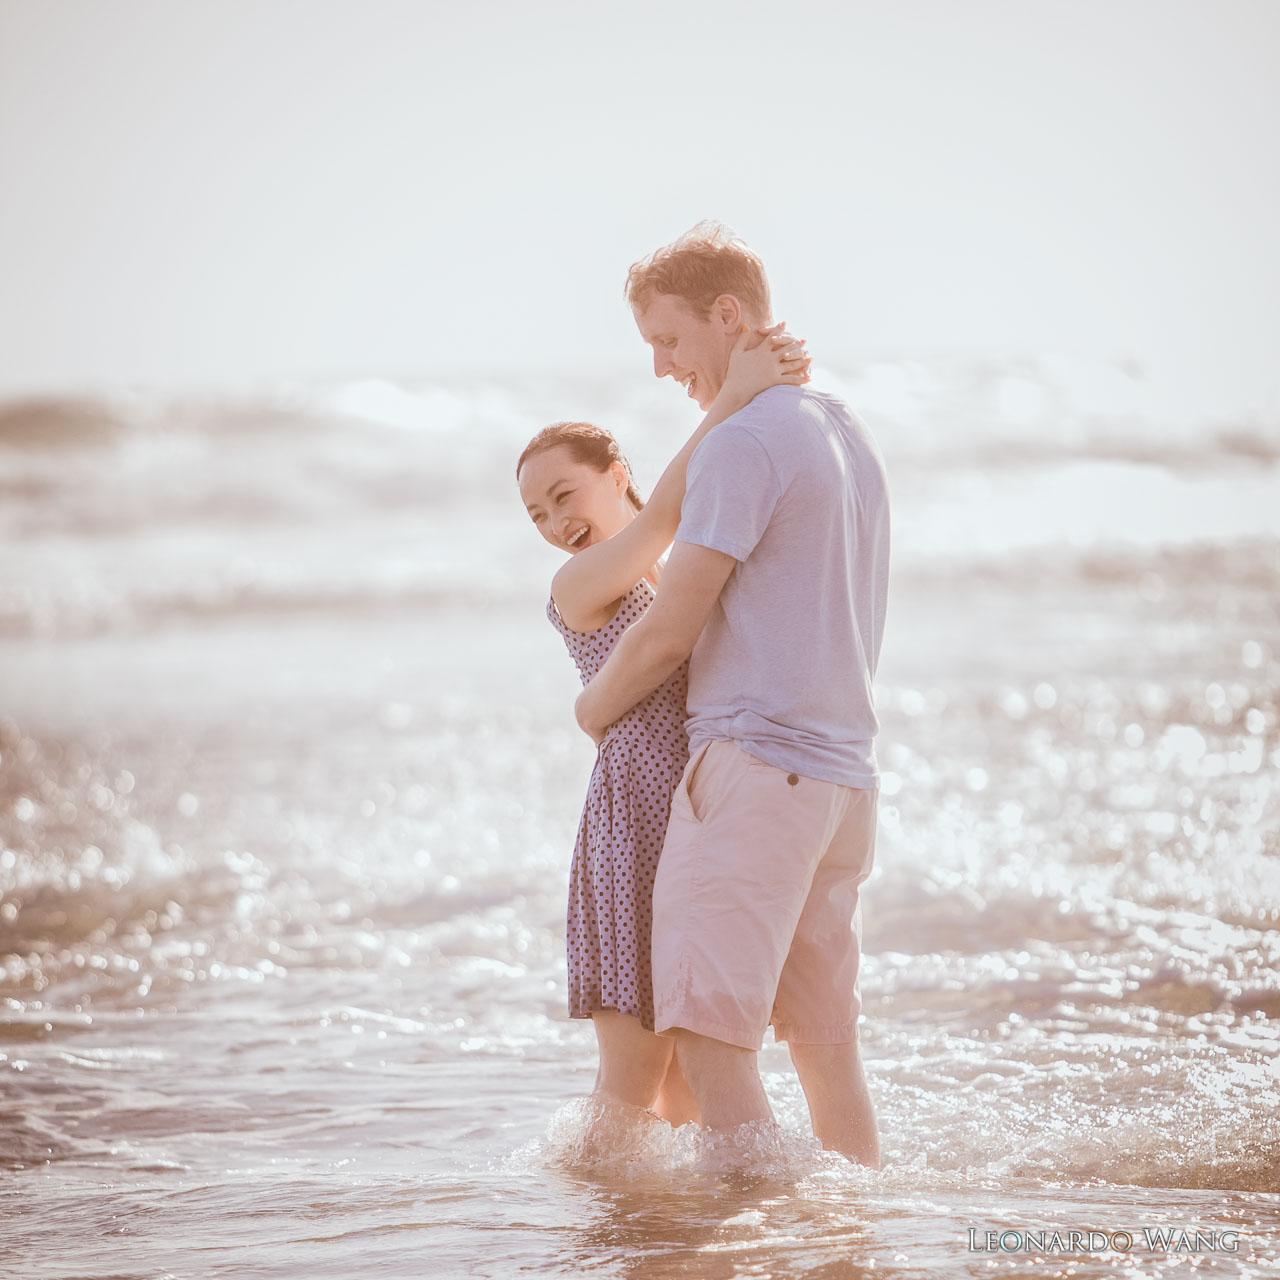 温暖的巴厘岛婚纱摄影-自然别致的蜜月情侣写真集-04